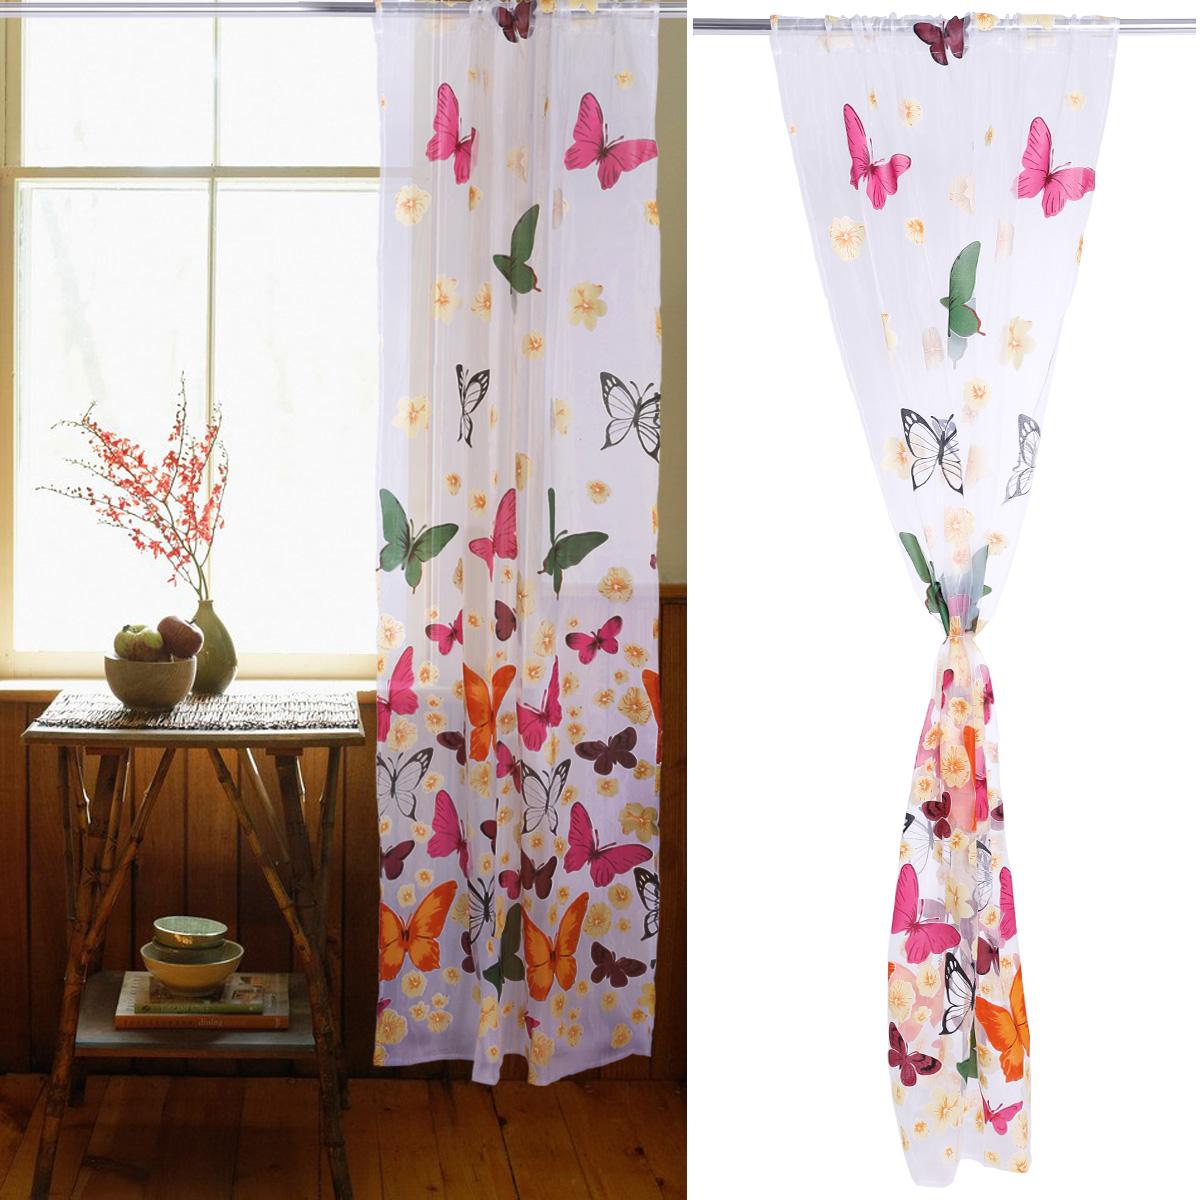 Vorhang Kinderzimmer Schmetterling | Vorhang Kinder Drachen Kinder ...